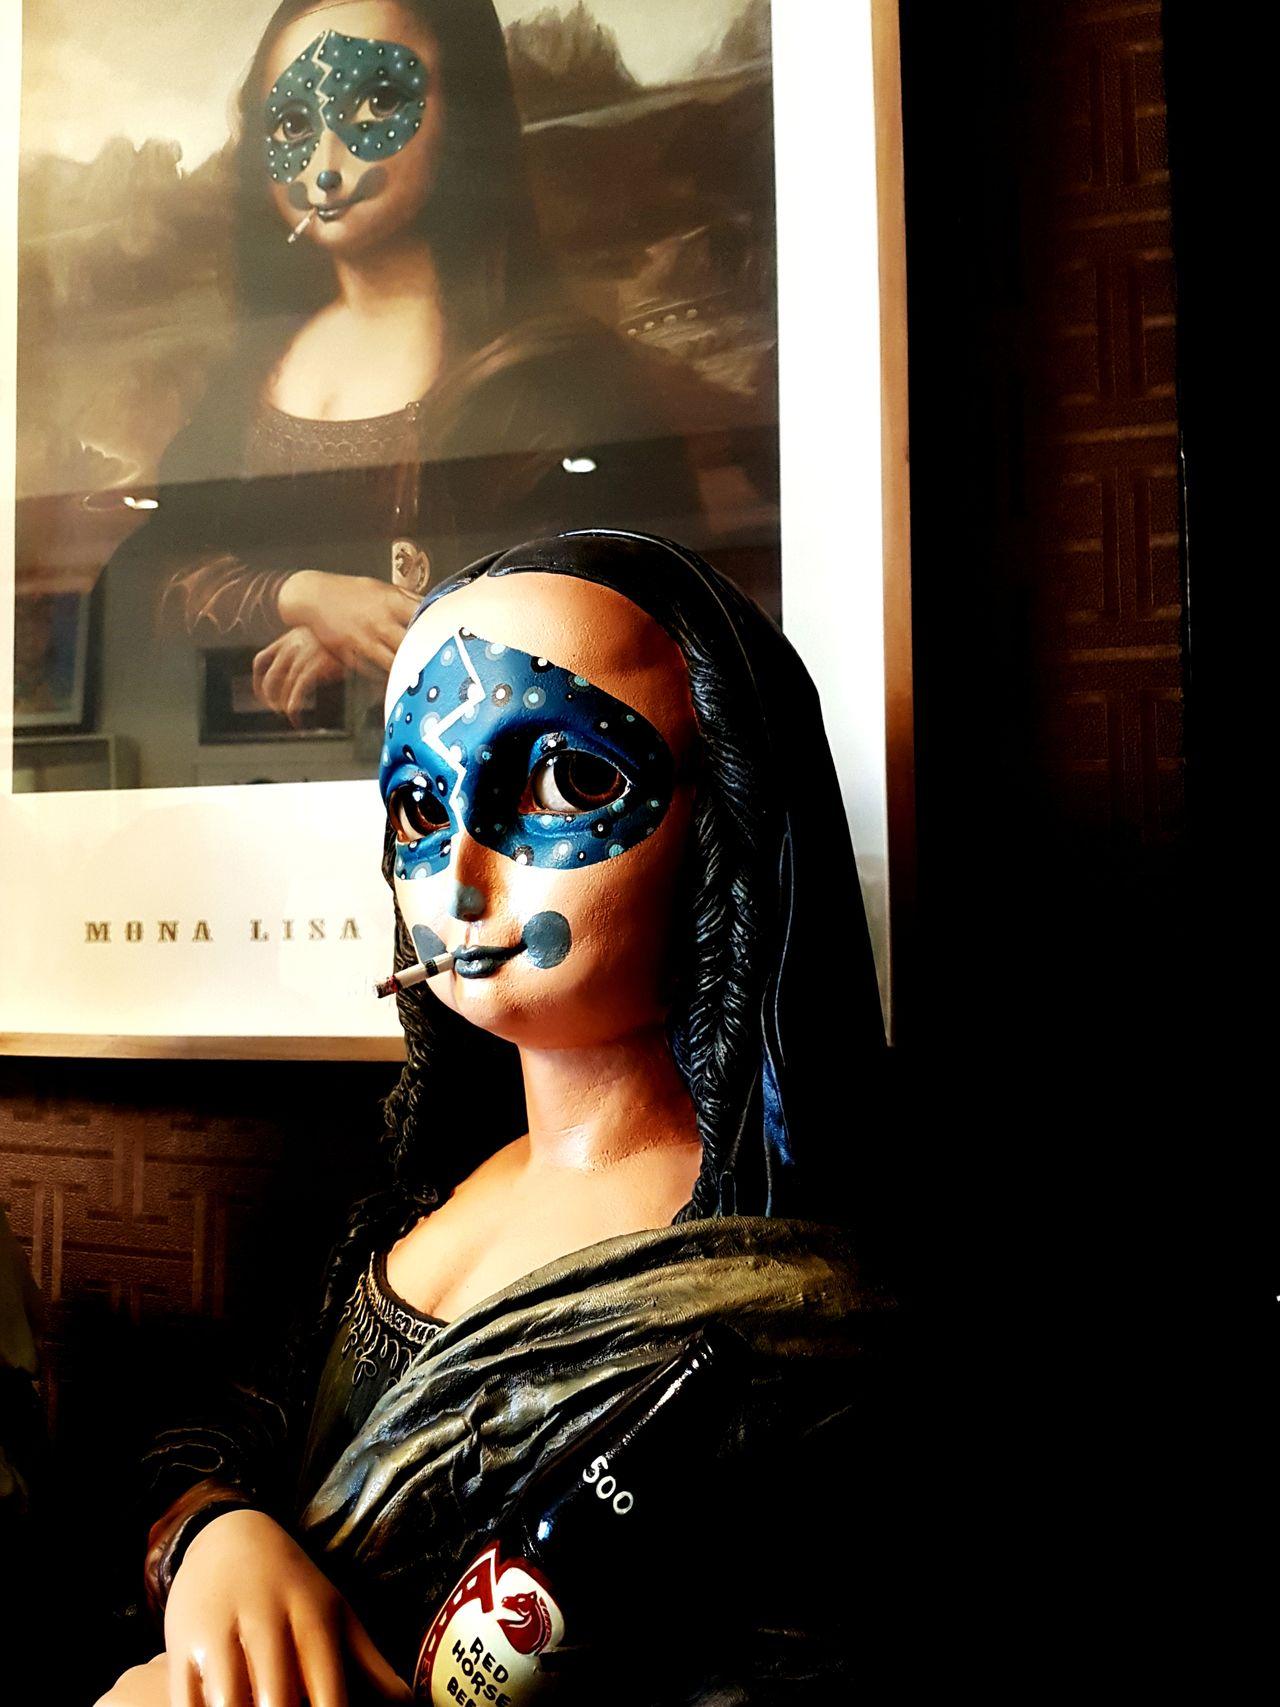 Mona Monalisa MonaLisaSmile Monalisa_gallary Monalisa ❤❤ Mona Lisa Mona Lisa Smile Mona Lisa Style Art Artistic Expression Artistic Expressions Artistic Picture Gallery Gallery Photography Gallery Of Art